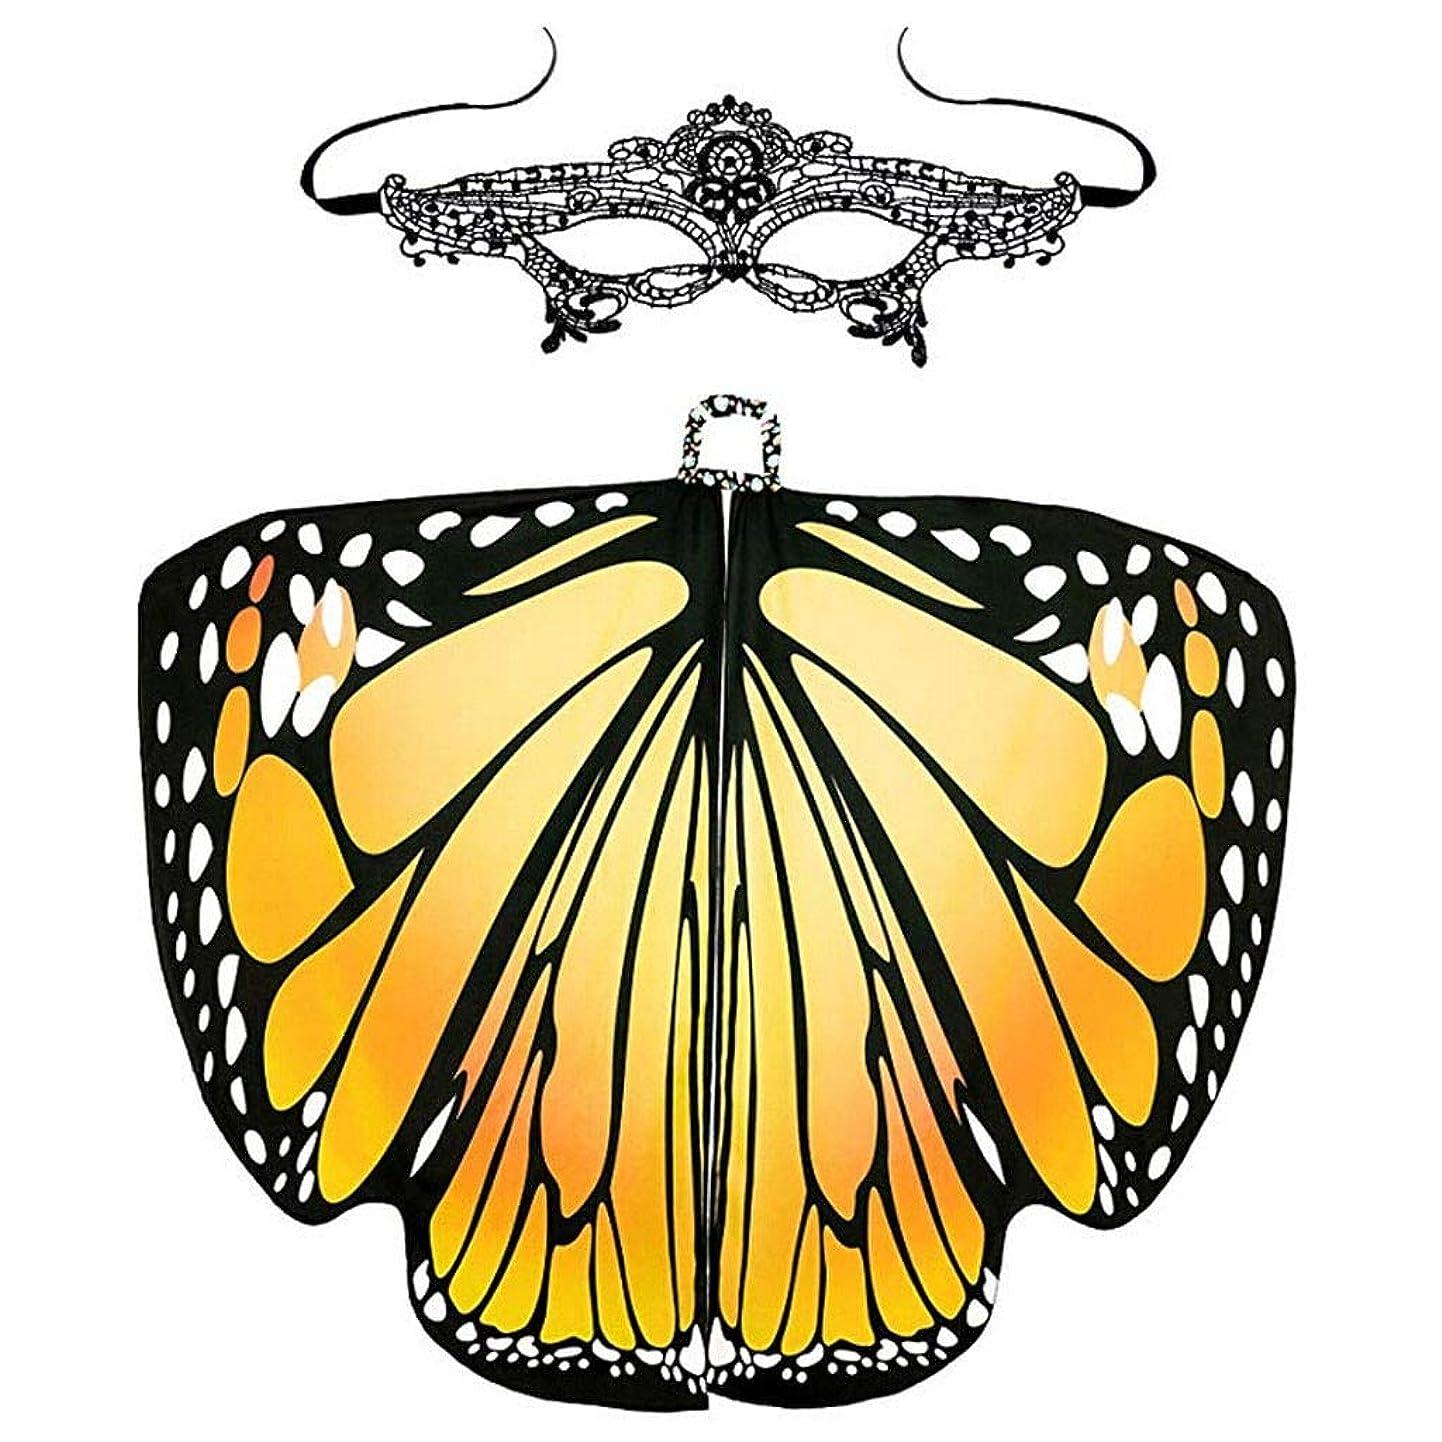 学生シーフード時折注アウトトップ新しい高品質女性蝶の羽ショール妖精レディースマント付きマスク装飾用パーティーギフトファッション#30